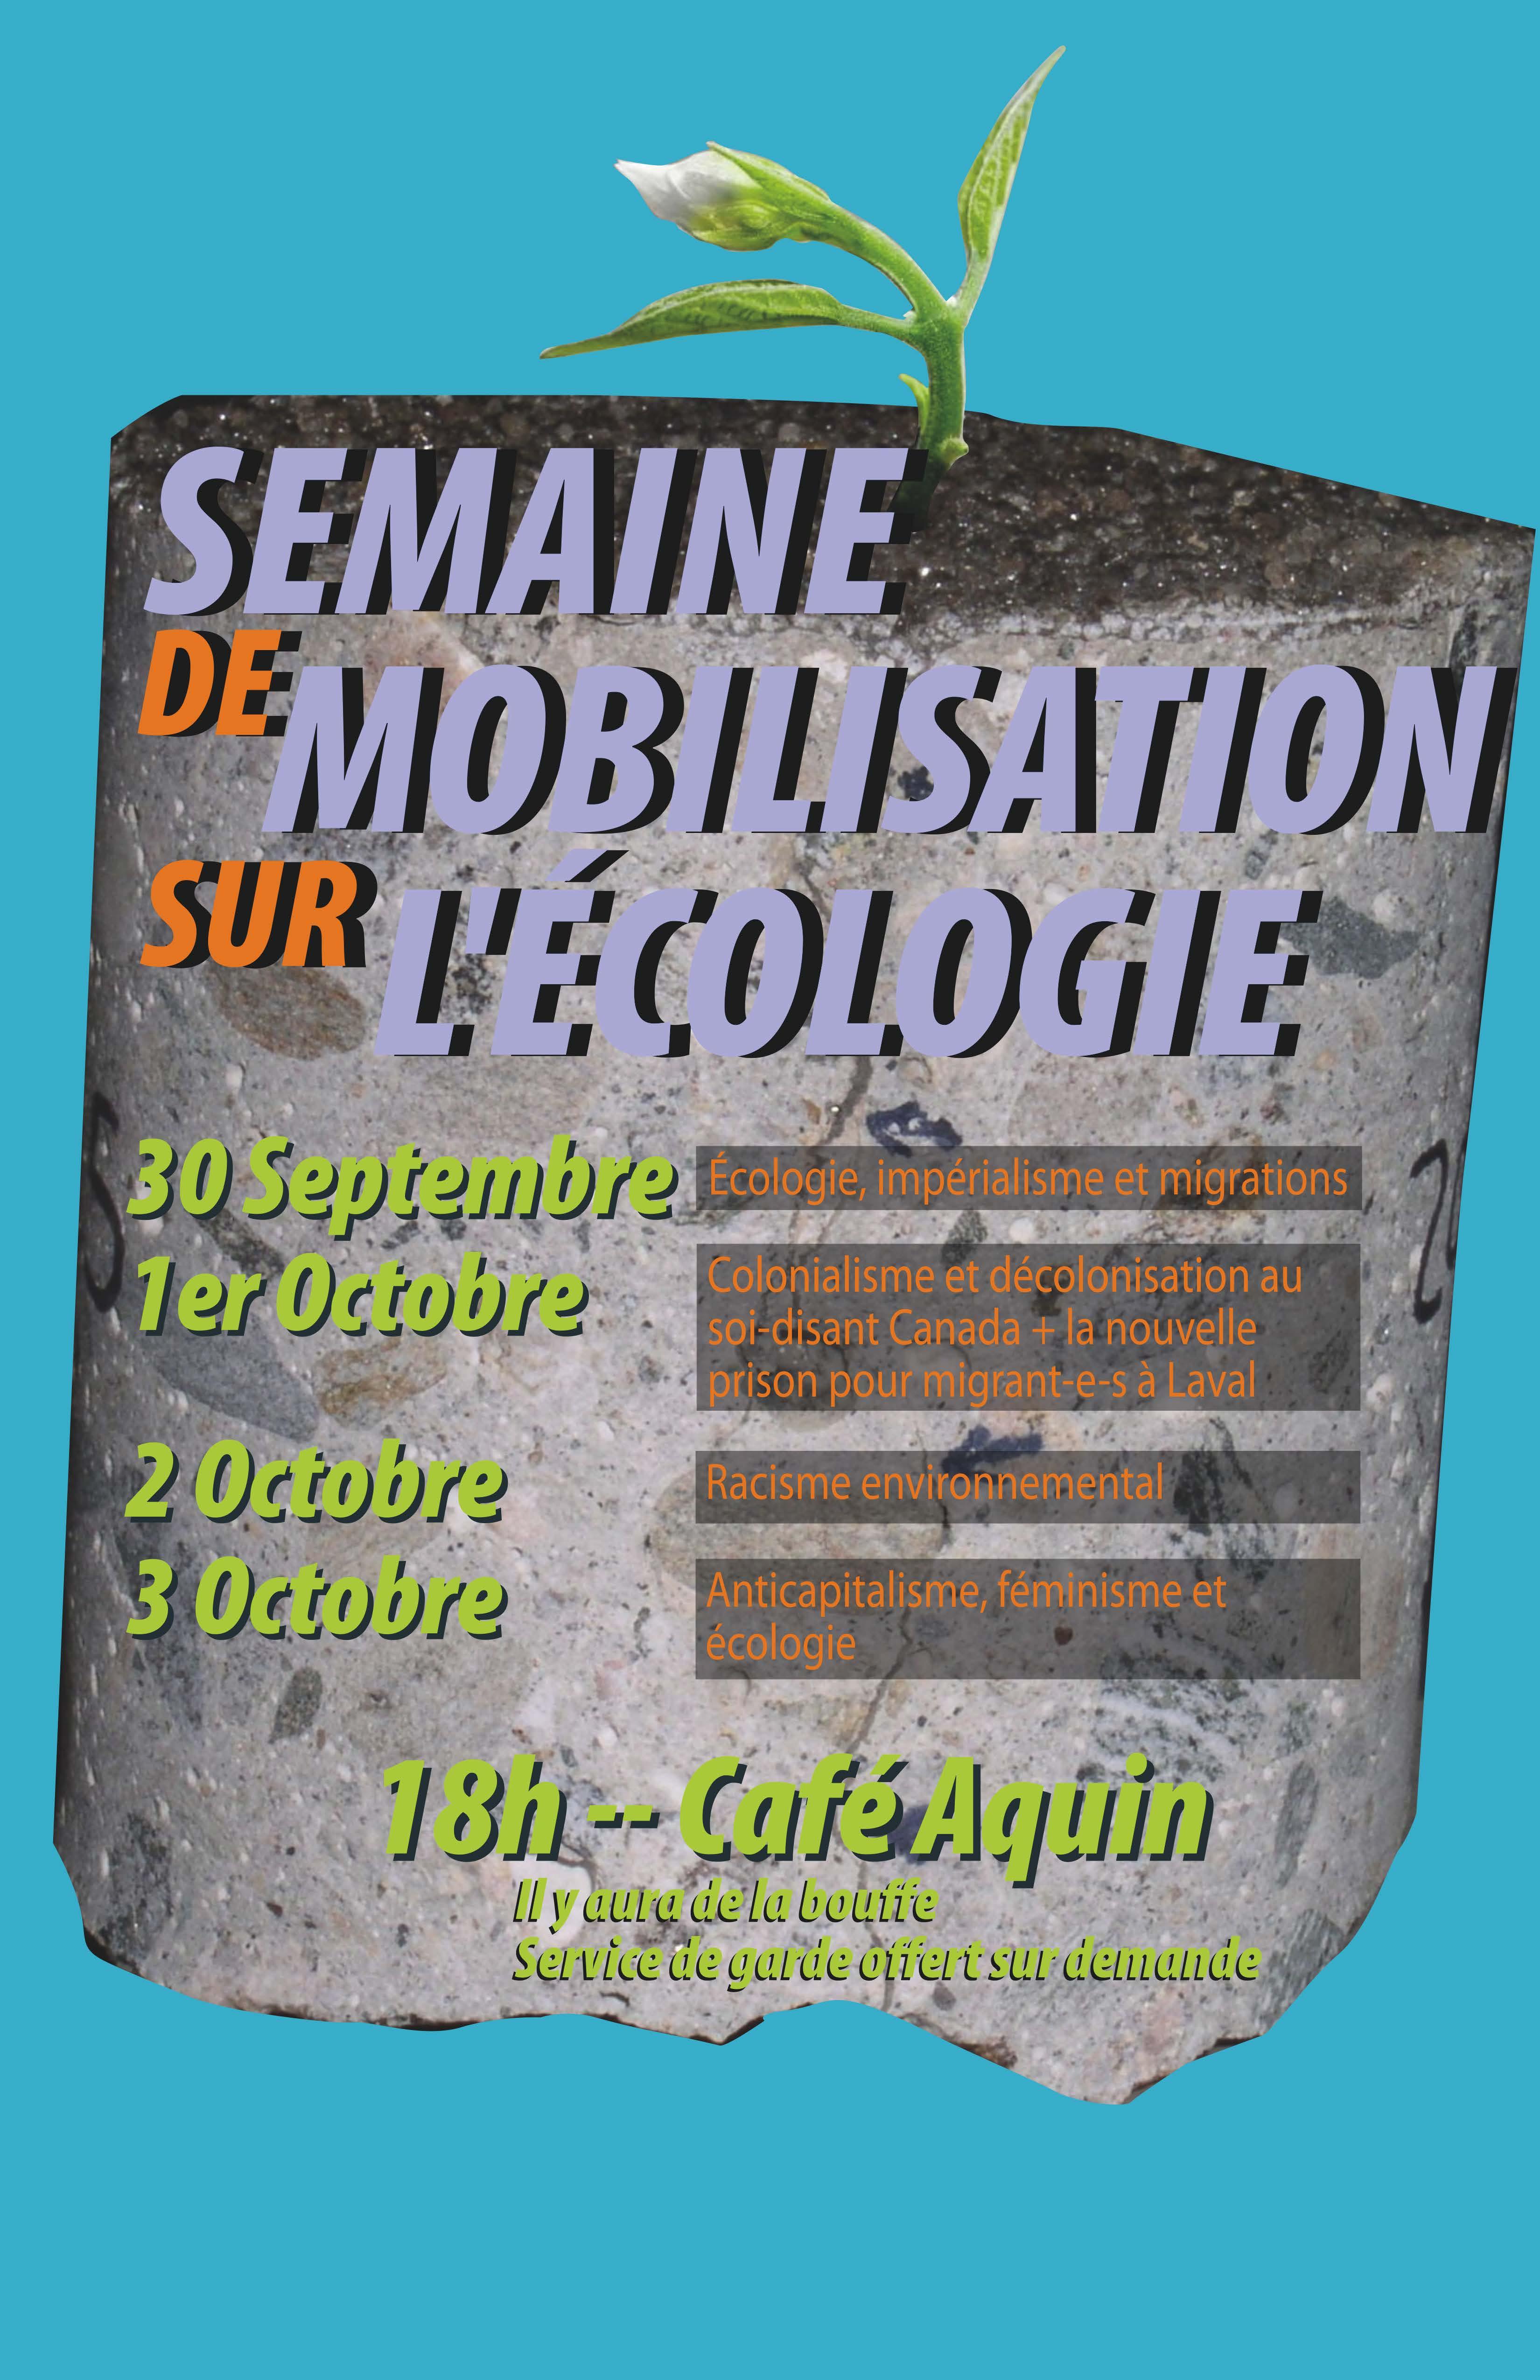 Semaine De Mobilisation Sur L'écologie